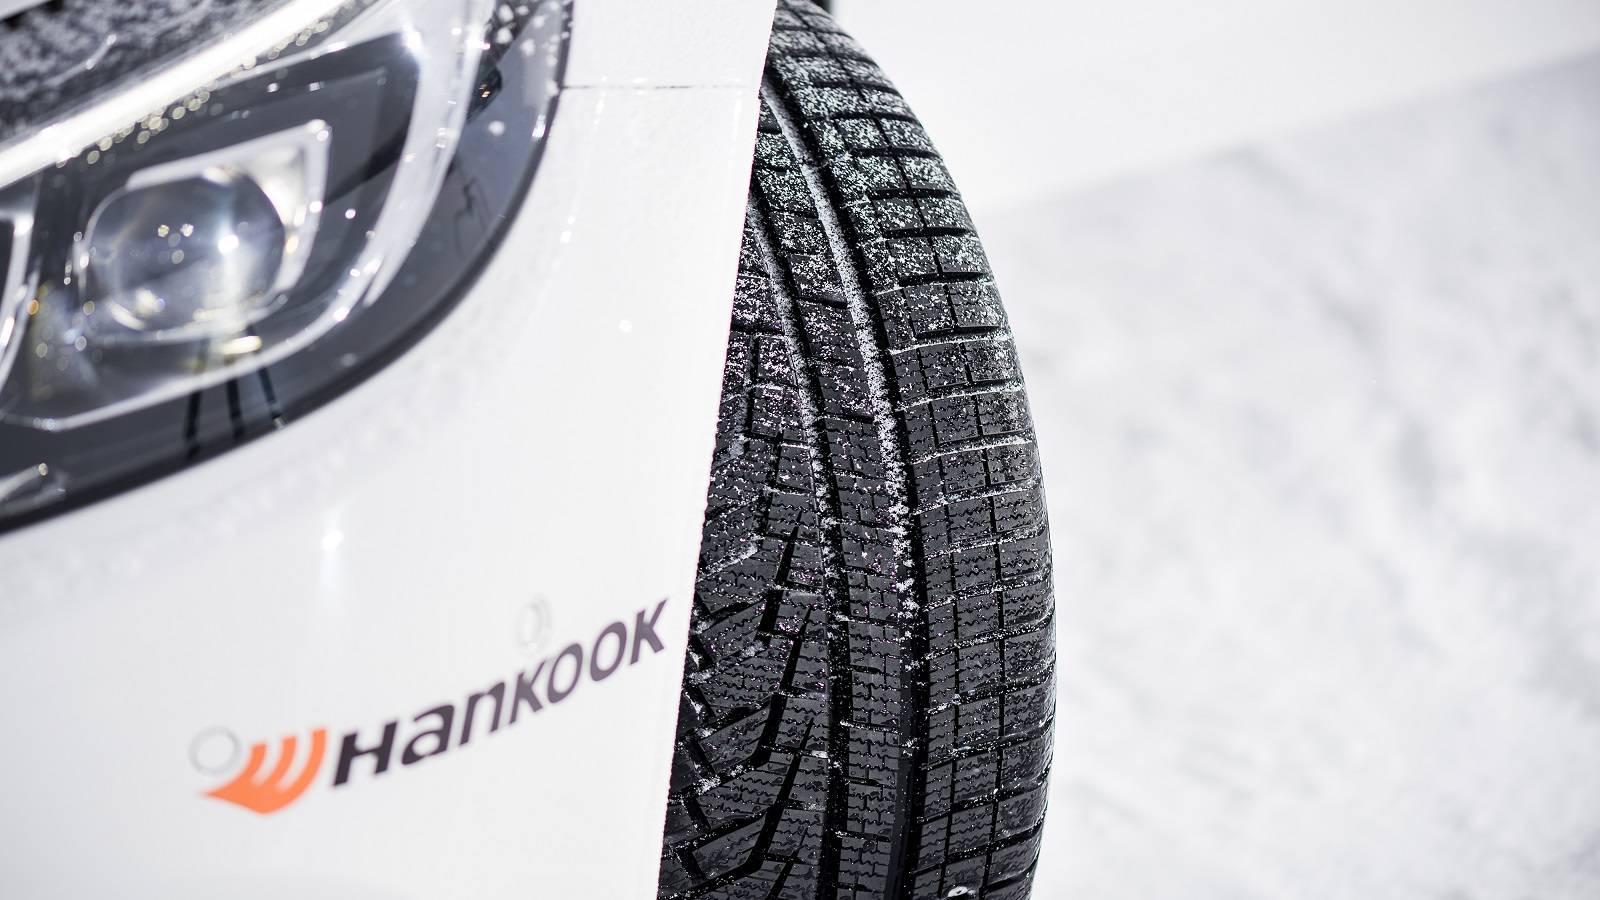 Hankook, kış lastikleri lastik testlerindeki başarılarıyla ön plana çıkıyor